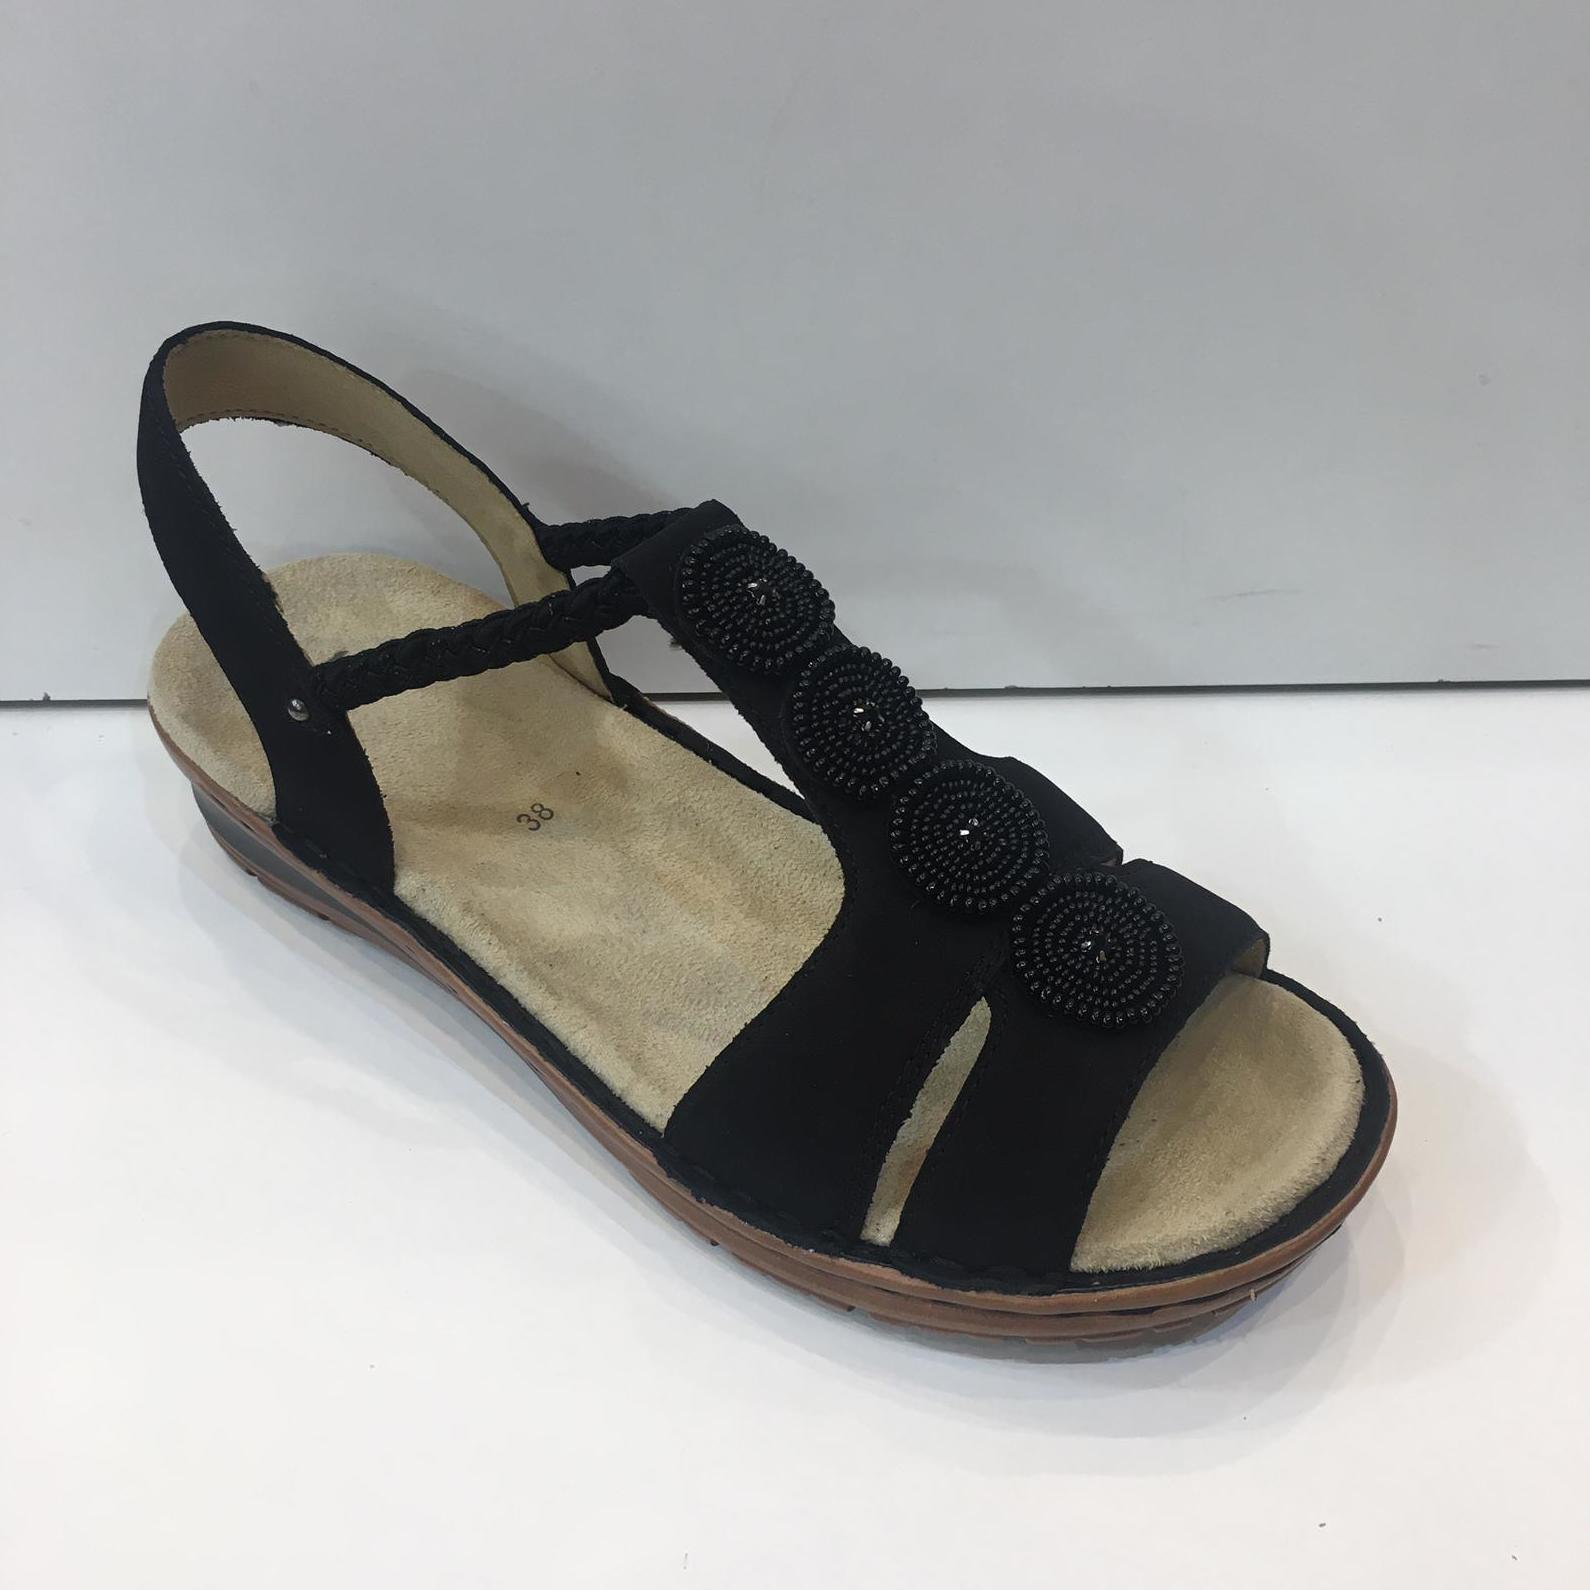 Sandàlia de dona de la marca Ara, ample especial, no s'ha de cordar, plantilla anatòmica folrada amb pell girada 79€